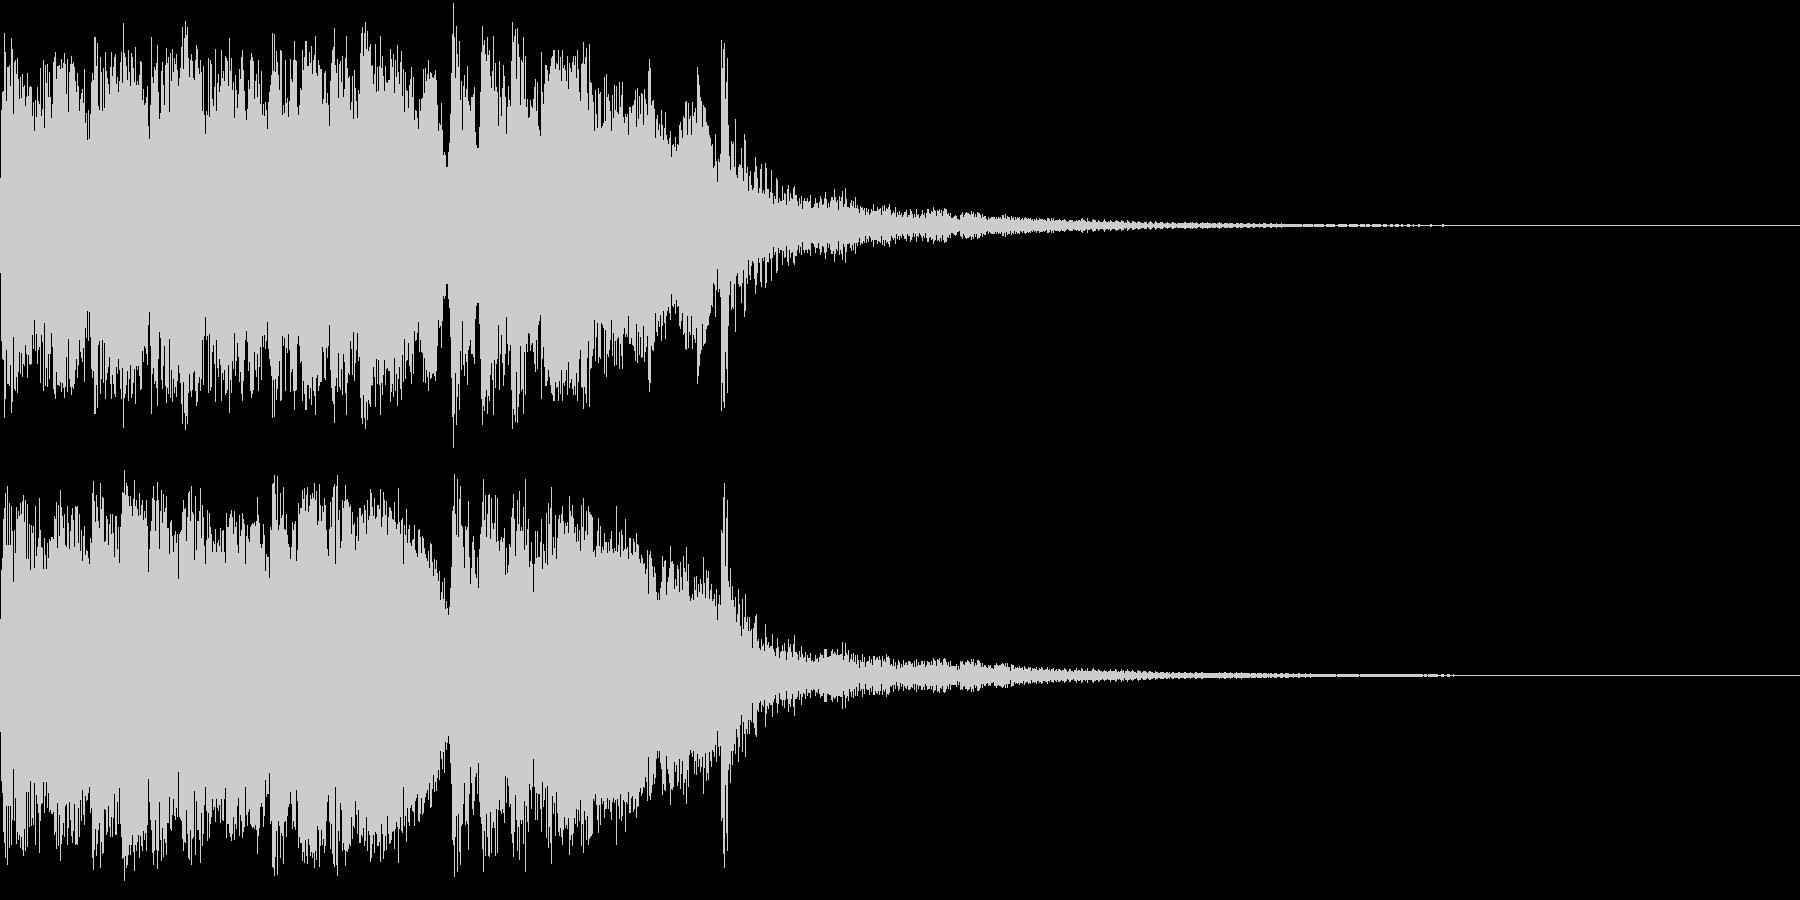 ファンファーレ 当たり 正解 合格 01の未再生の波形